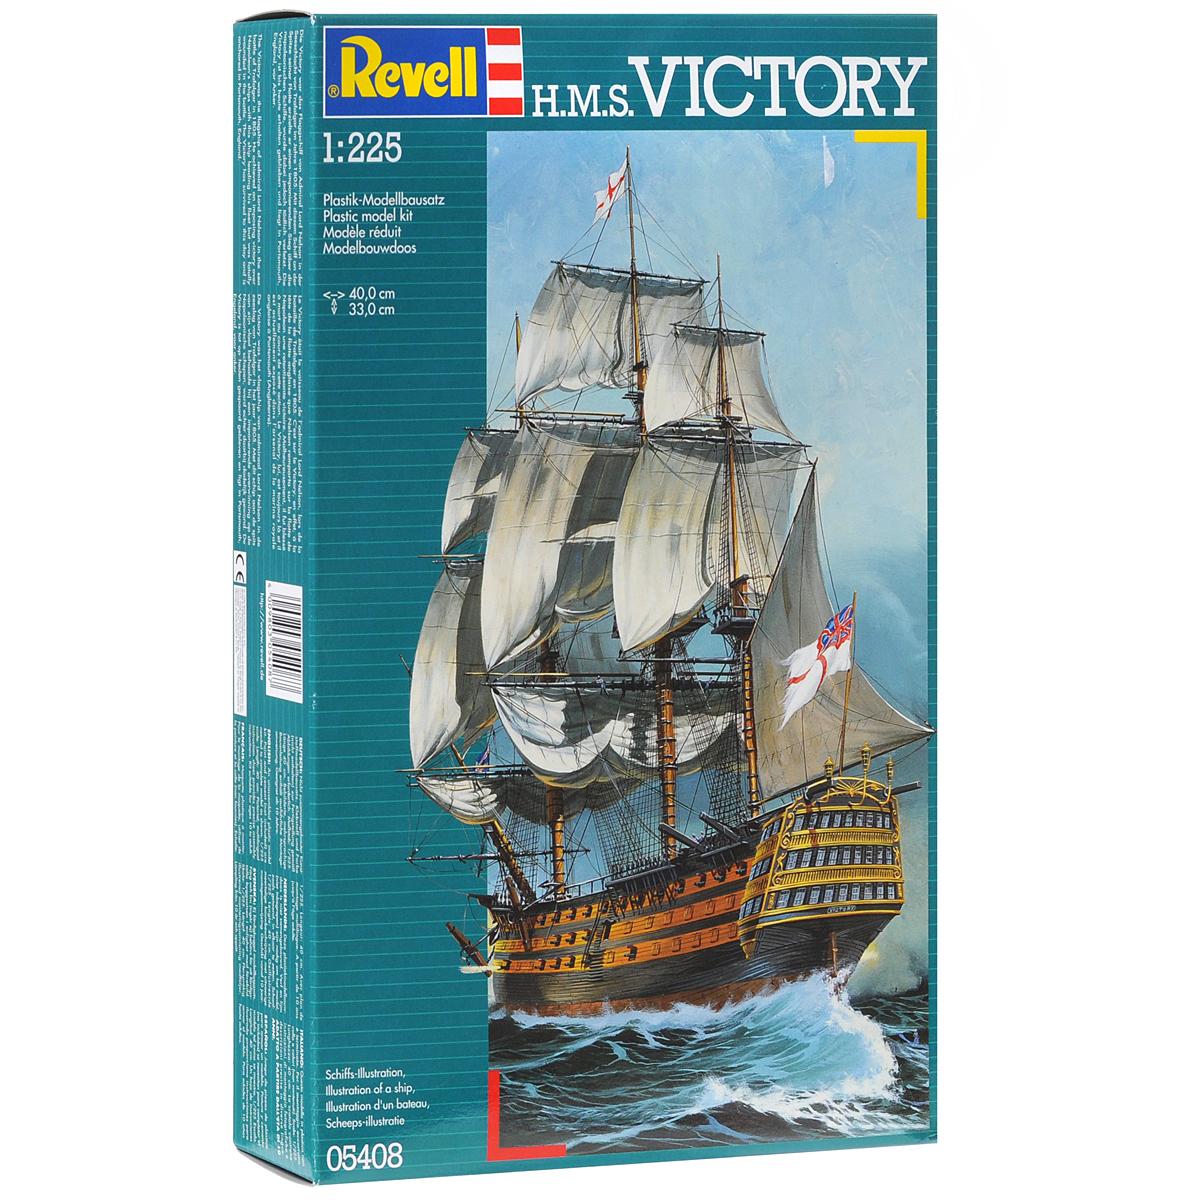 Сборная модель Revell Корабль H.M.S. Victory05408Сборная модель Revell Корабль H.M.S. Victory поможет вам и вашему ребенку придумать увлекательное занятие на долгое время. Набор включает в себя 269 пластиковых элементов, из которых можно собрать достоверную уменьшенную копию одноименного корабля. Корабль H.M.S. Victory относился к кораблям первого ранга Королевского флота Великобритании и был под командованием адмирала Нельсона в битве при Трафальгаре. На борту этого судна прославленный британский адмирал получил смертельное ранение. С 1812 года H.M.S. Victory не принимал участия в сражениях. Сейчас он находится на постоянной стоянке в доке города Портсмут и переделан в музей. Также в наборе схематичная инструкция по сборке. Процесс сборки развивает интеллектуальные и инструментальные способности, воображение и конструктивное мышление, а также прививает практические навыки работы со схемами и чертежами. Уровень сложности: 5. УВАЖАЕМЫЕ КЛИЕНТЫ! Обращаем ваше внимание на тот факт, что...